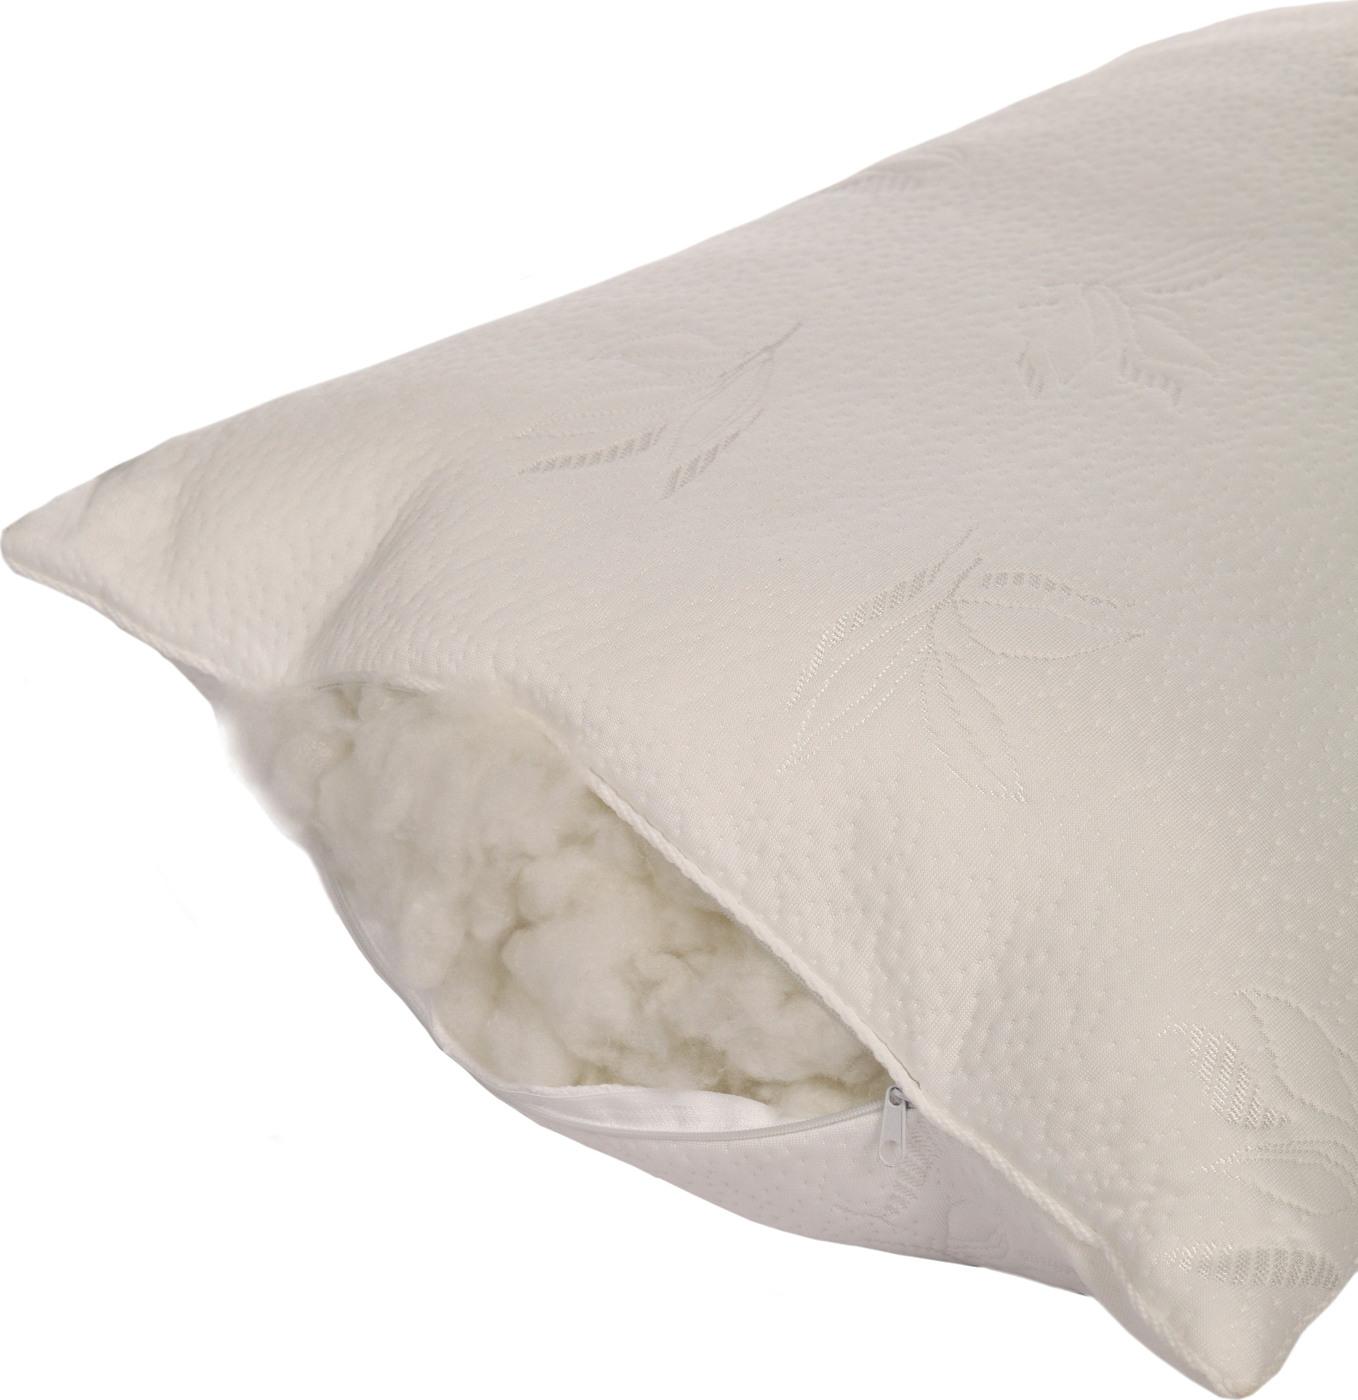 Подушка Smart Textile ЭВКАЛИПТОВАЯ чехол трикотажная ткань. Наполнитель: полиэфирное и эвкалиптовое волокно. Размер: 50*70